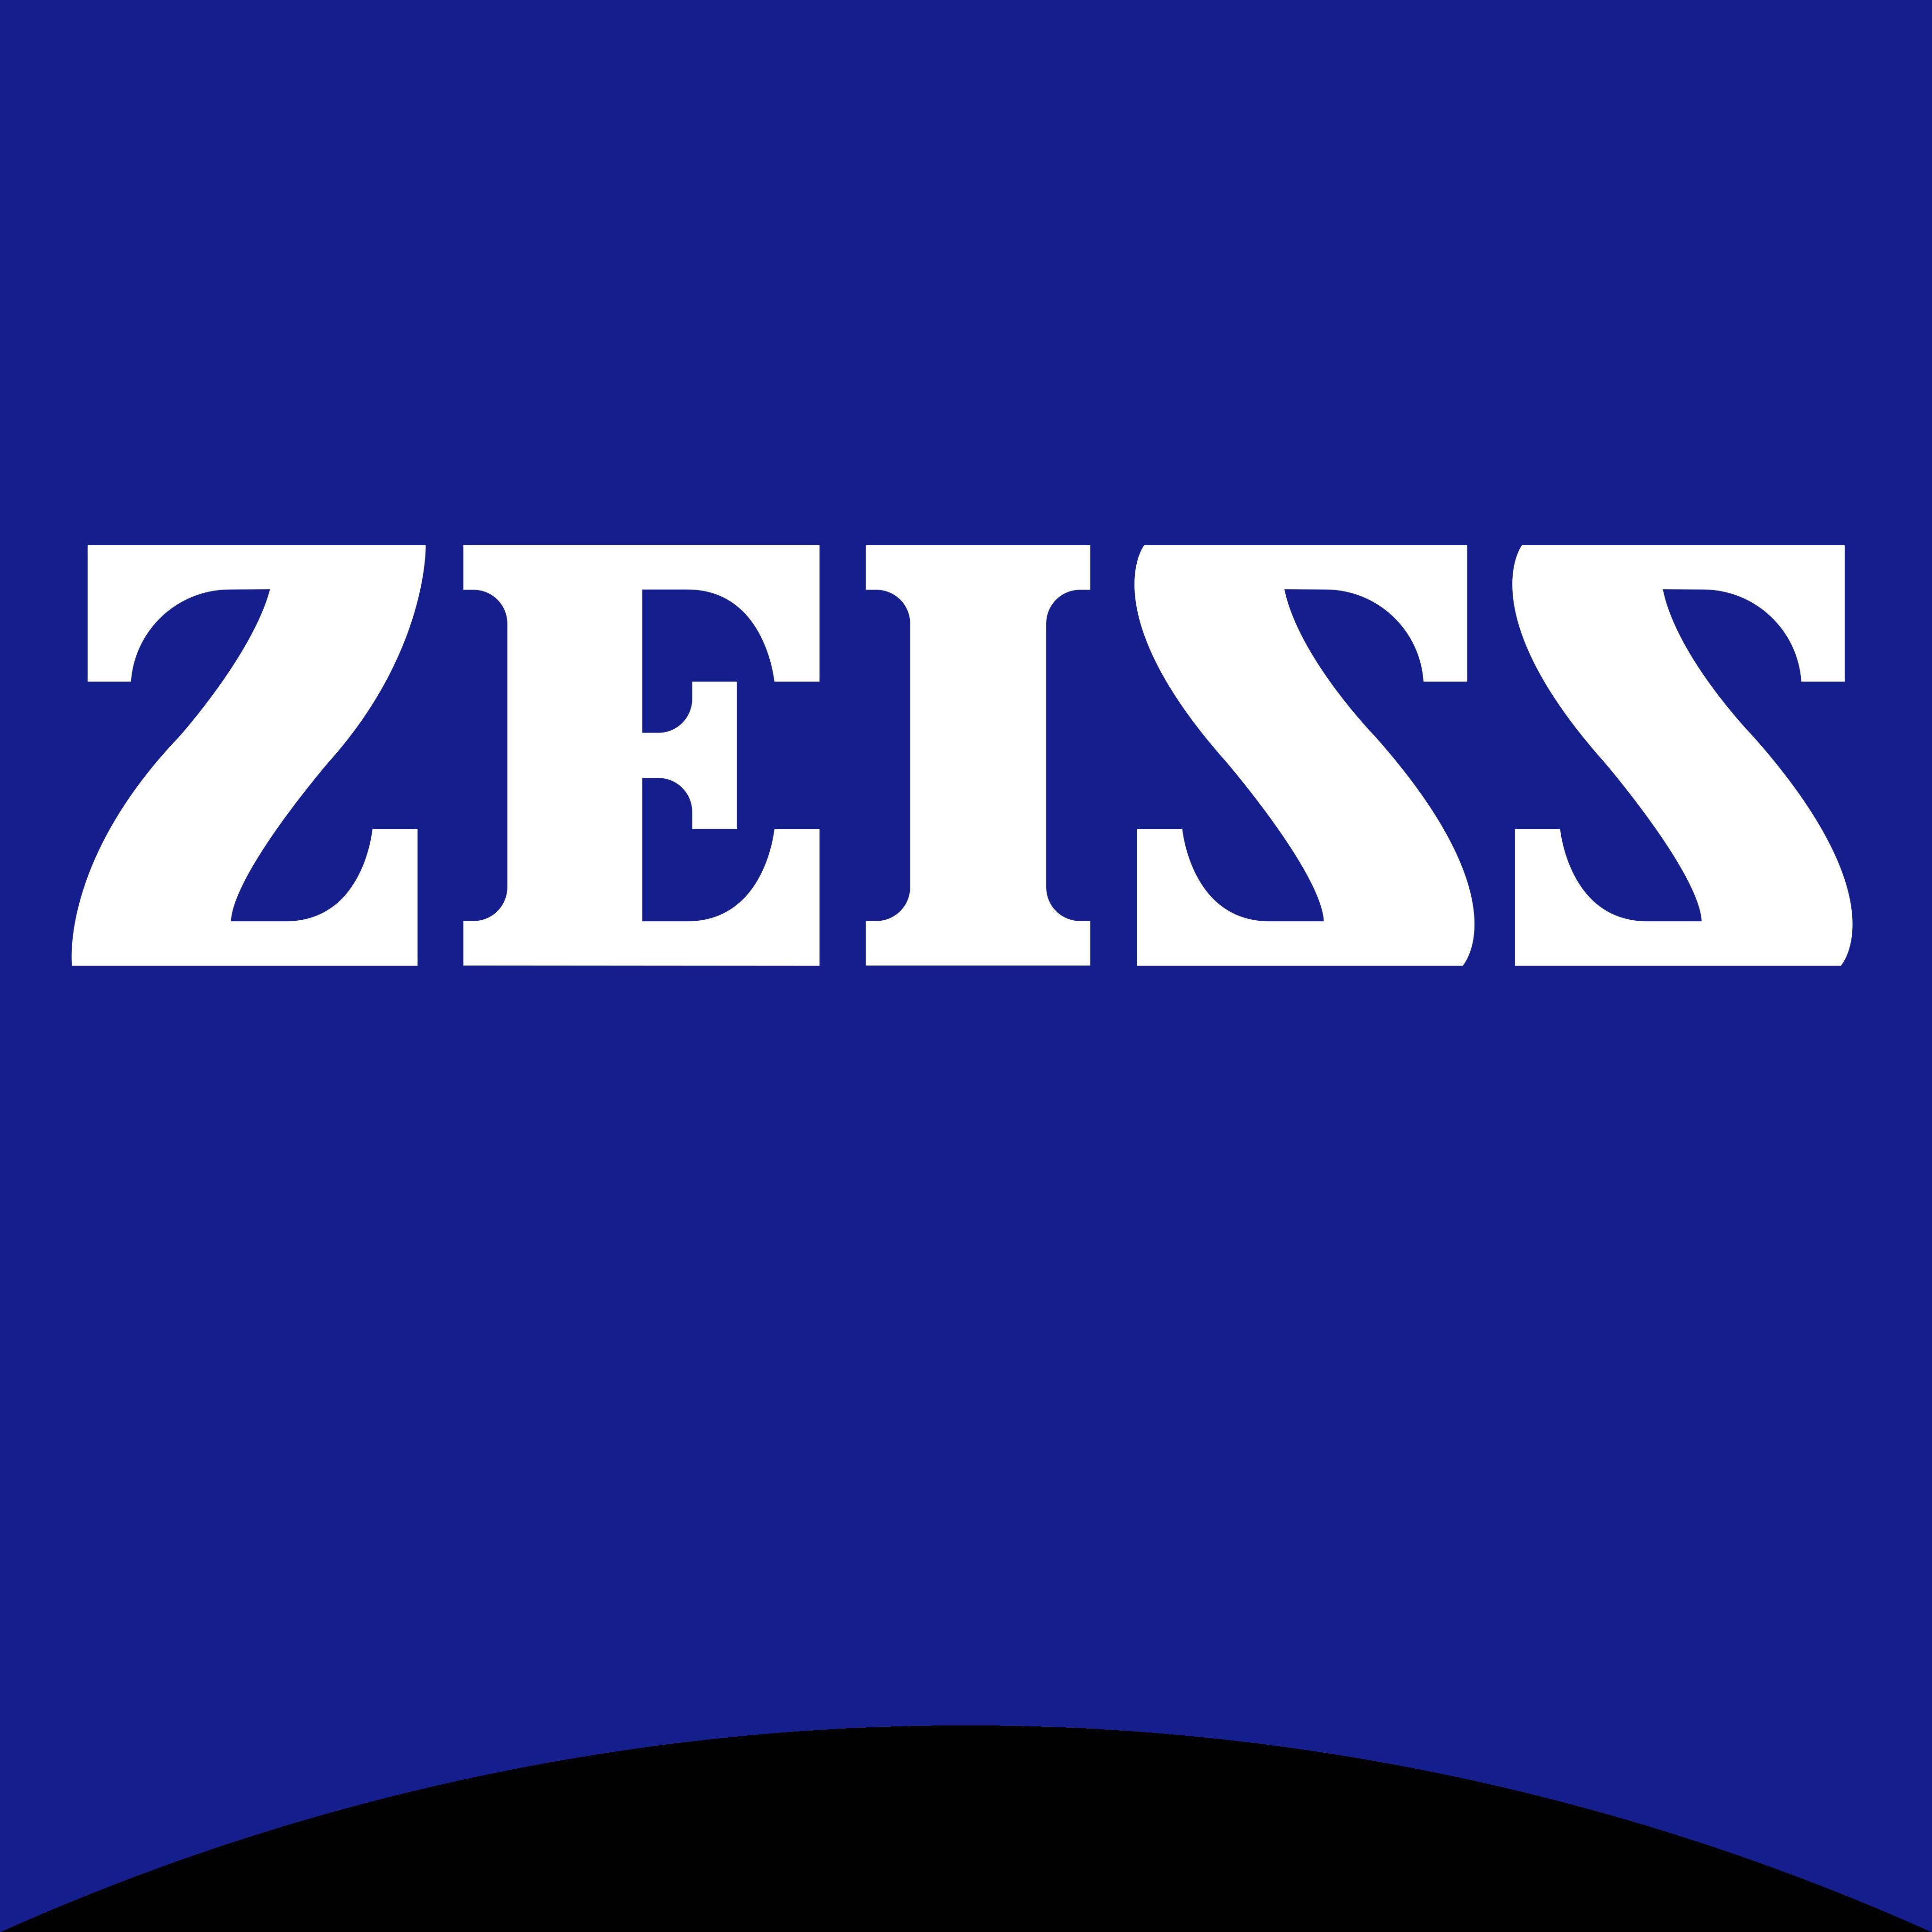 zeiss logo 1 - ZEISS Logo